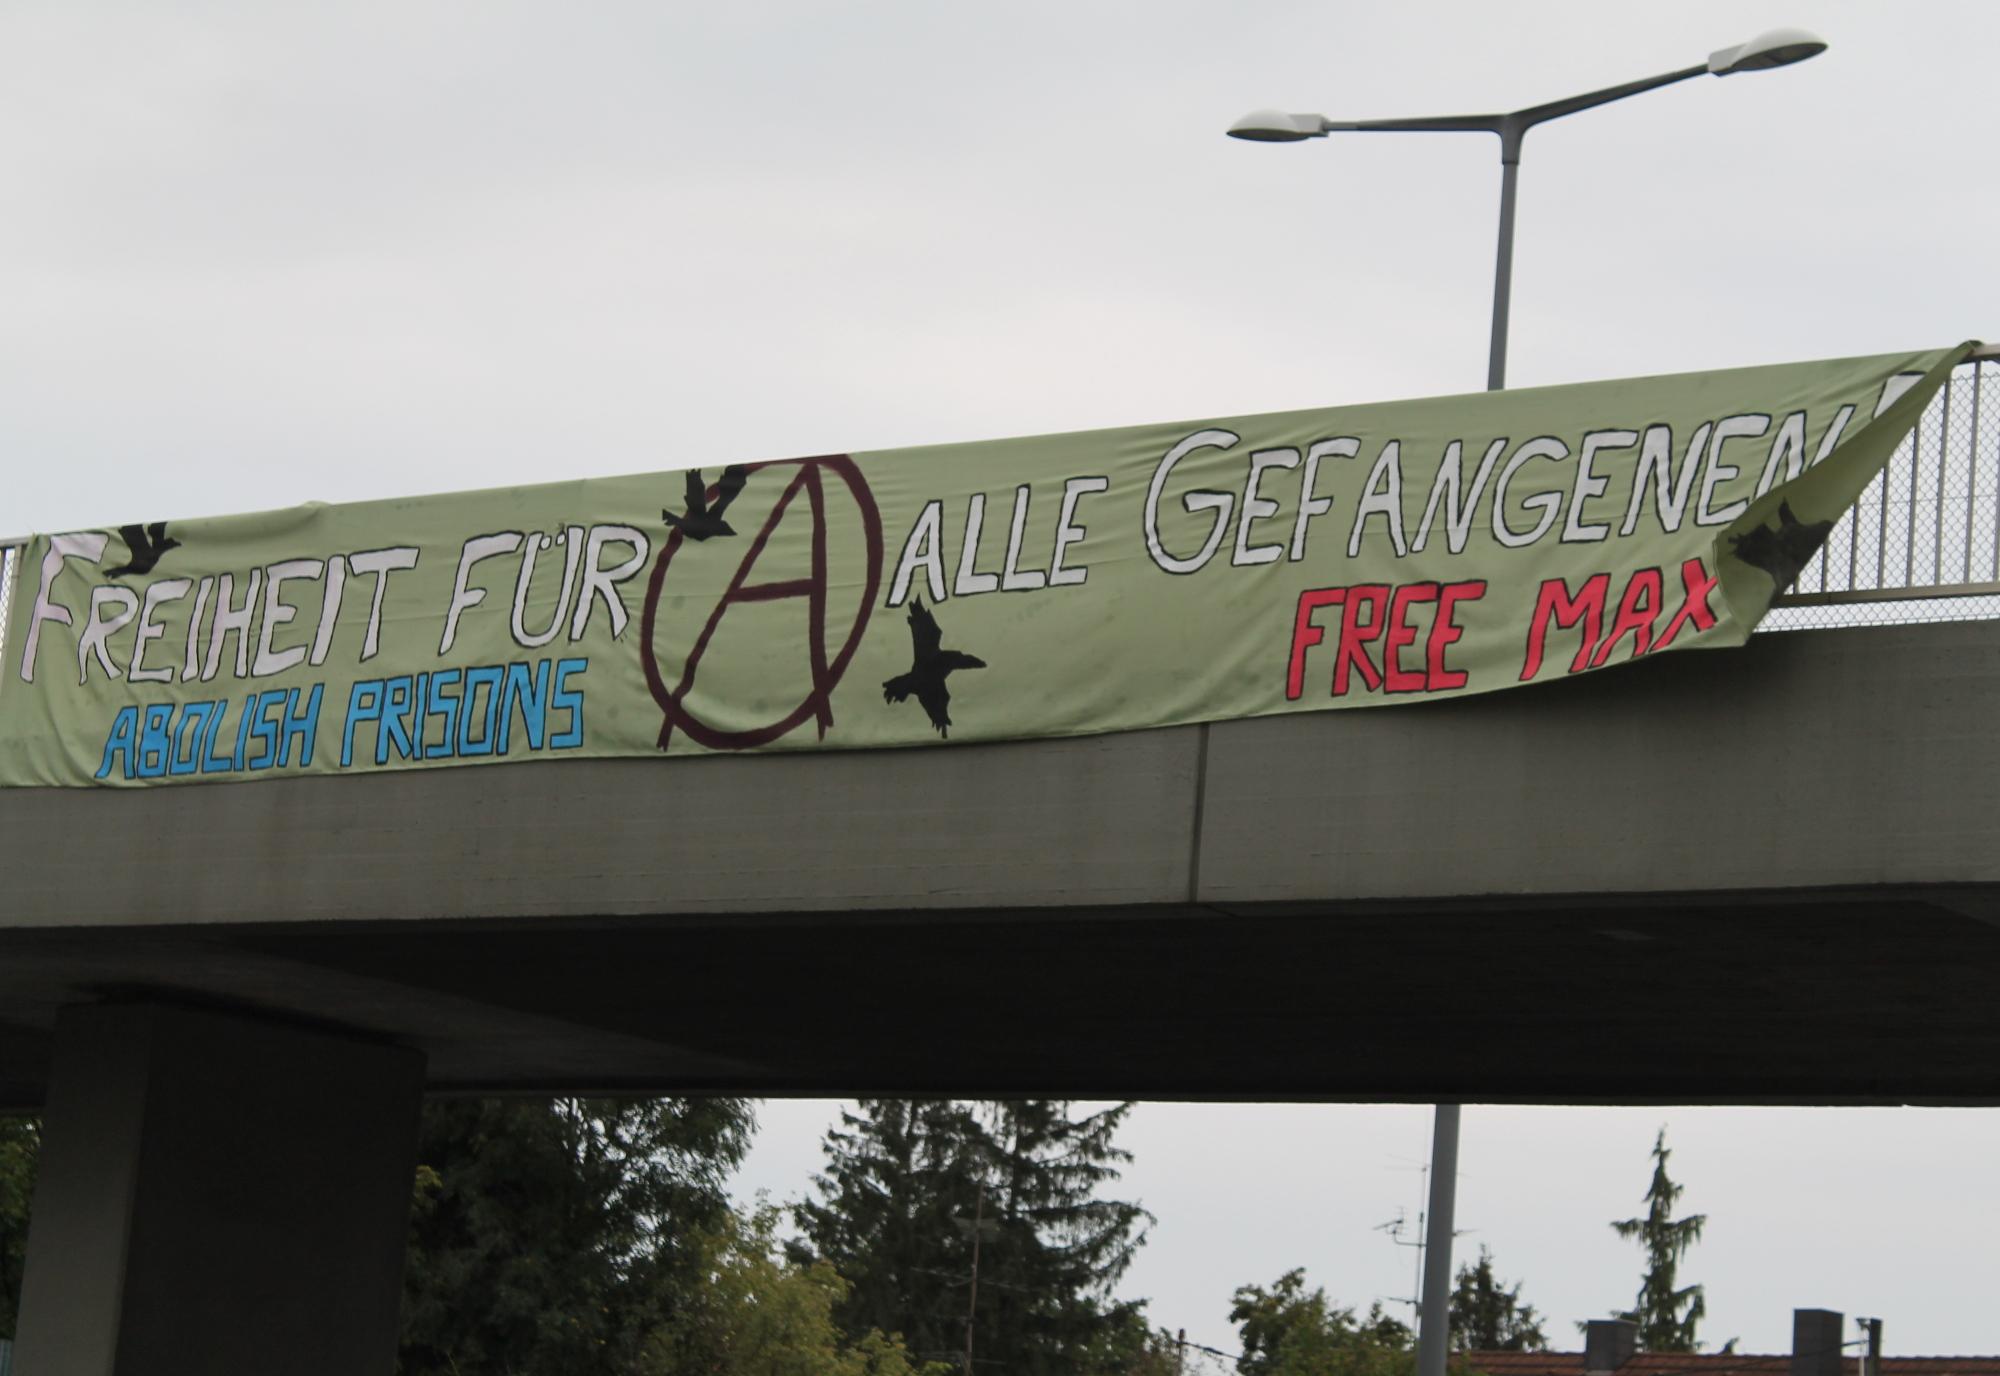 MUC] Freiheit für alle Gefangenen! Freiheit für Max! | de.indymedia.org